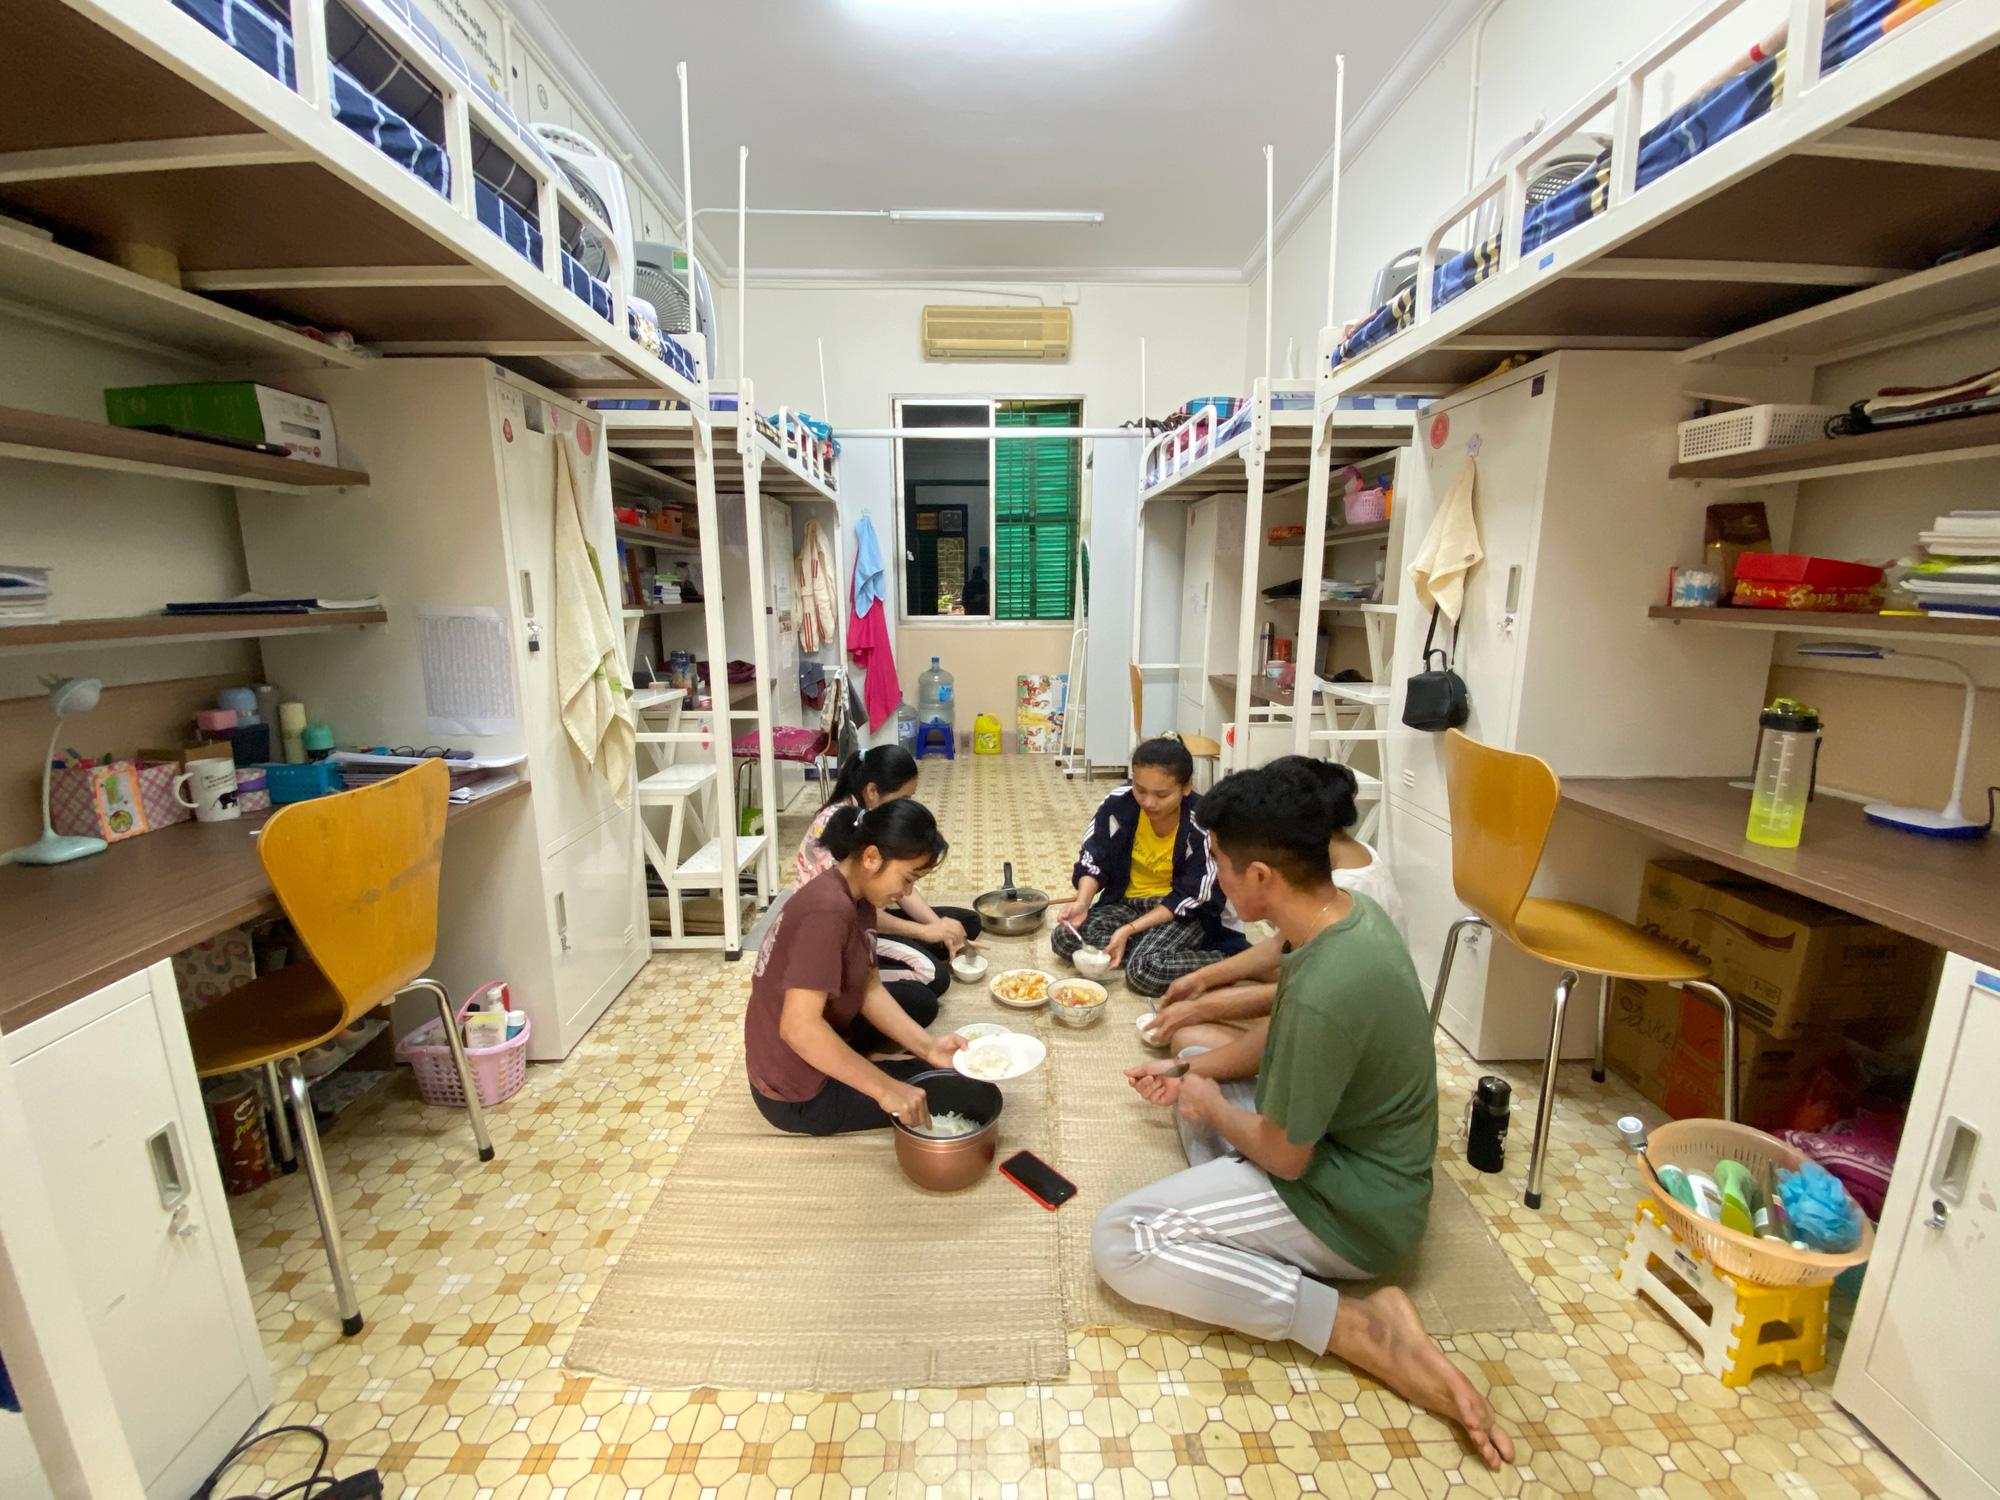 Cuộc sống đặc biệt giữa bối cảnh dịch bệnh Covid-19 của những sinh viên, lưu học sinh nước ngoài trên đất Việt - Ảnh 2.